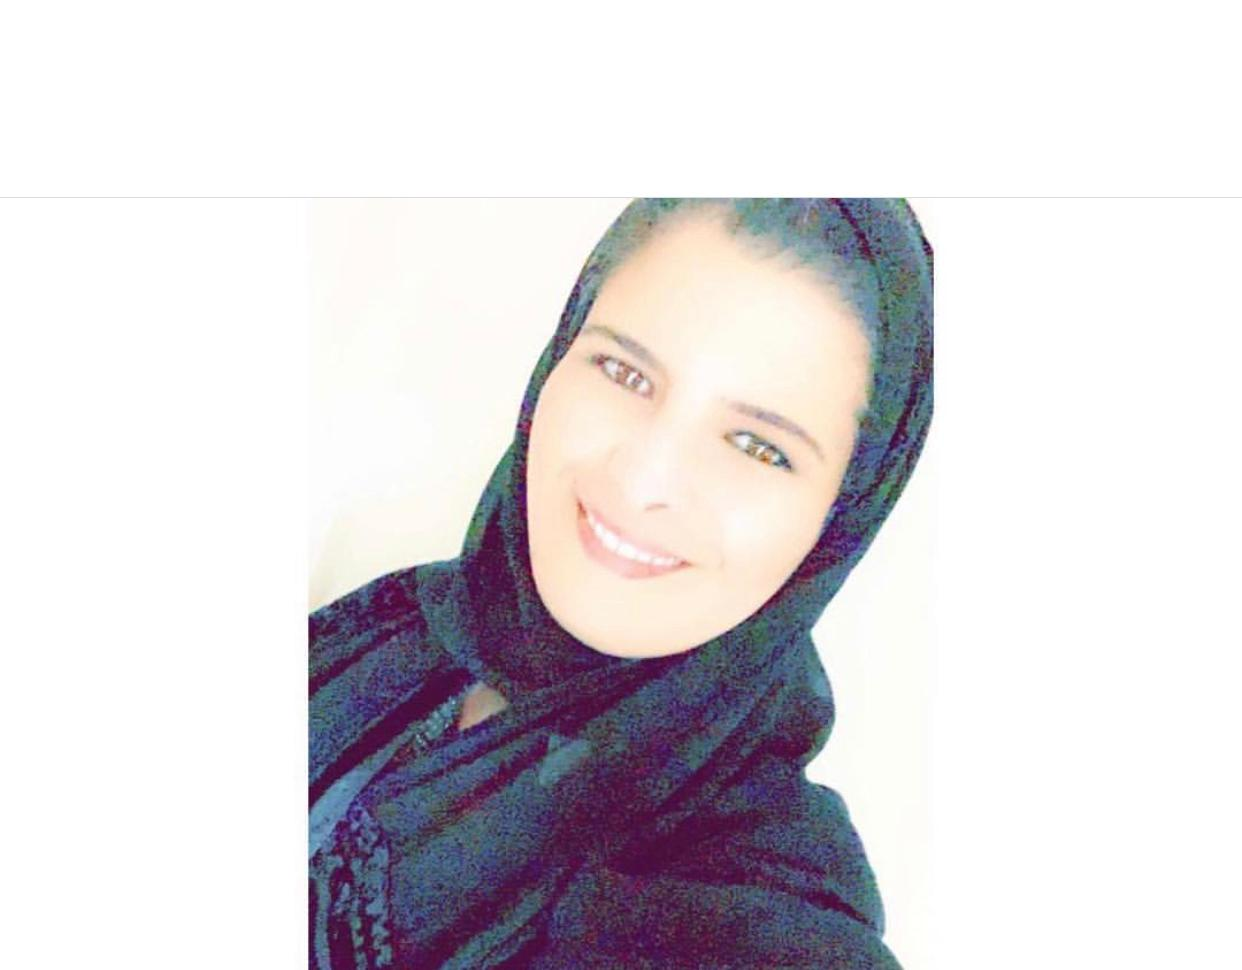 الأميرة نوف بنت فيصل بن سلطان آل  سعود